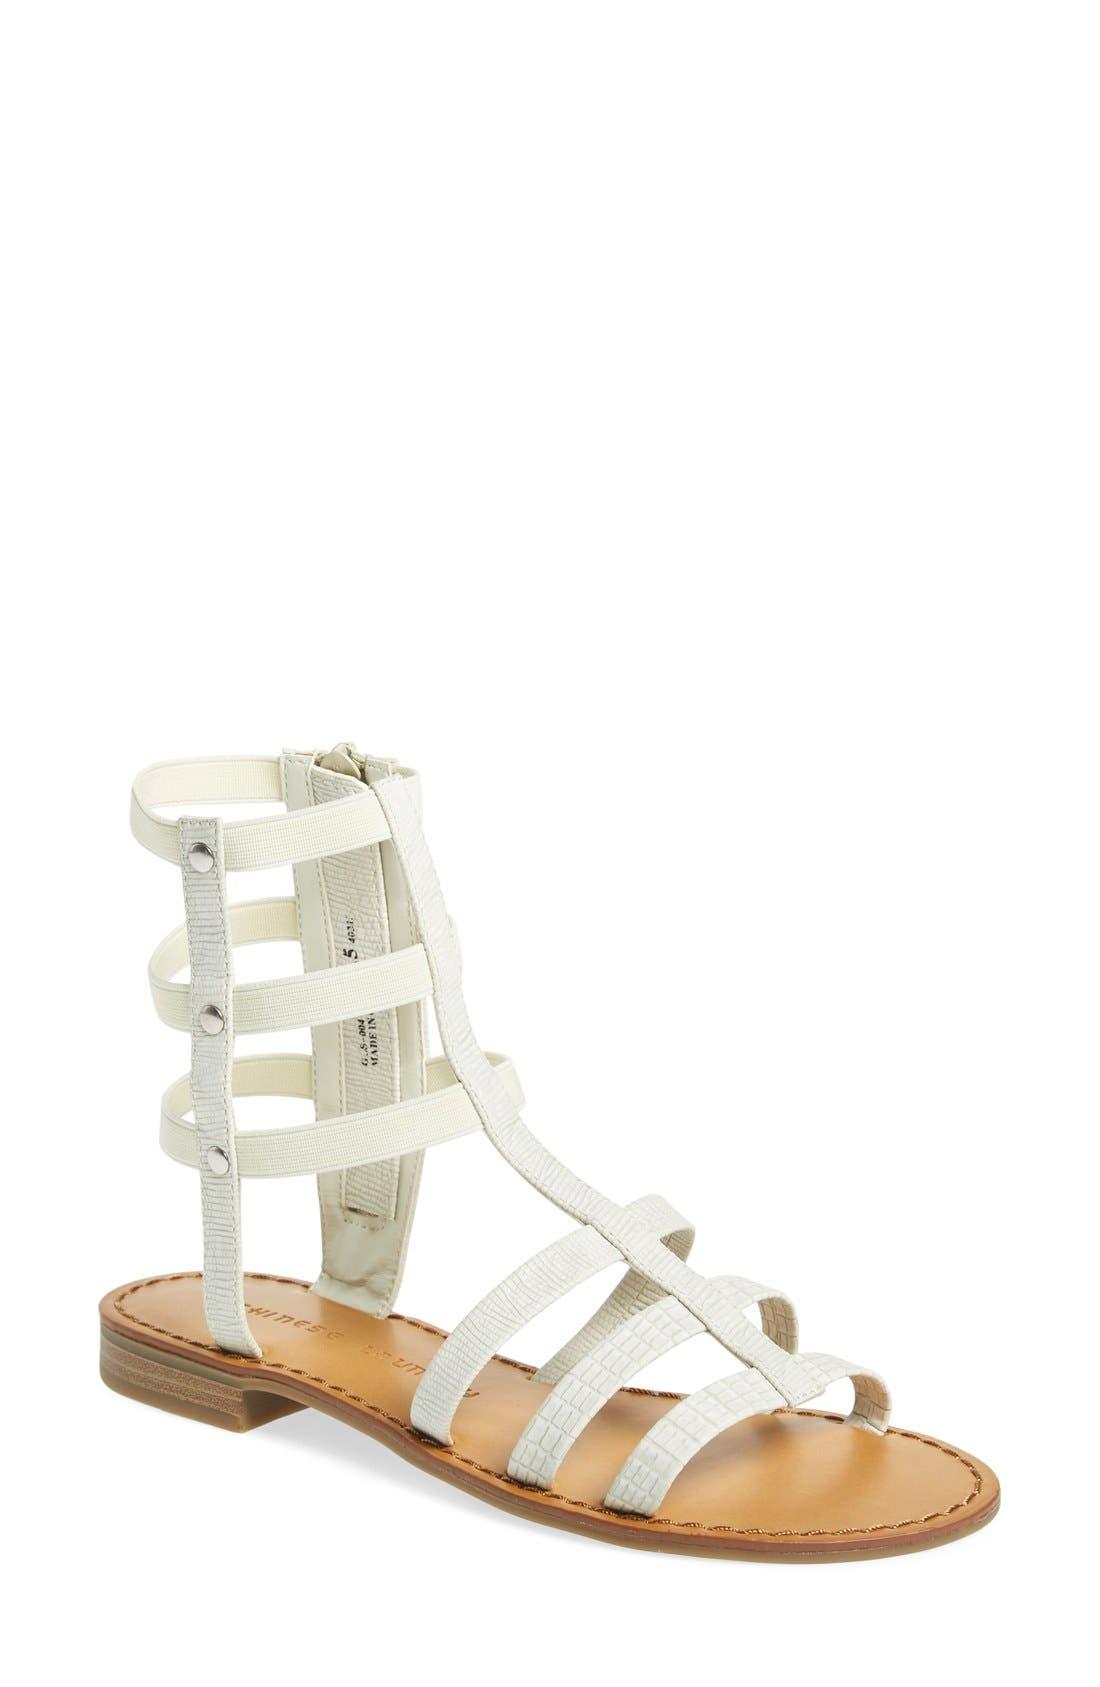 'Gemma' Gladiator Sandal,                         Main,                         color, 100